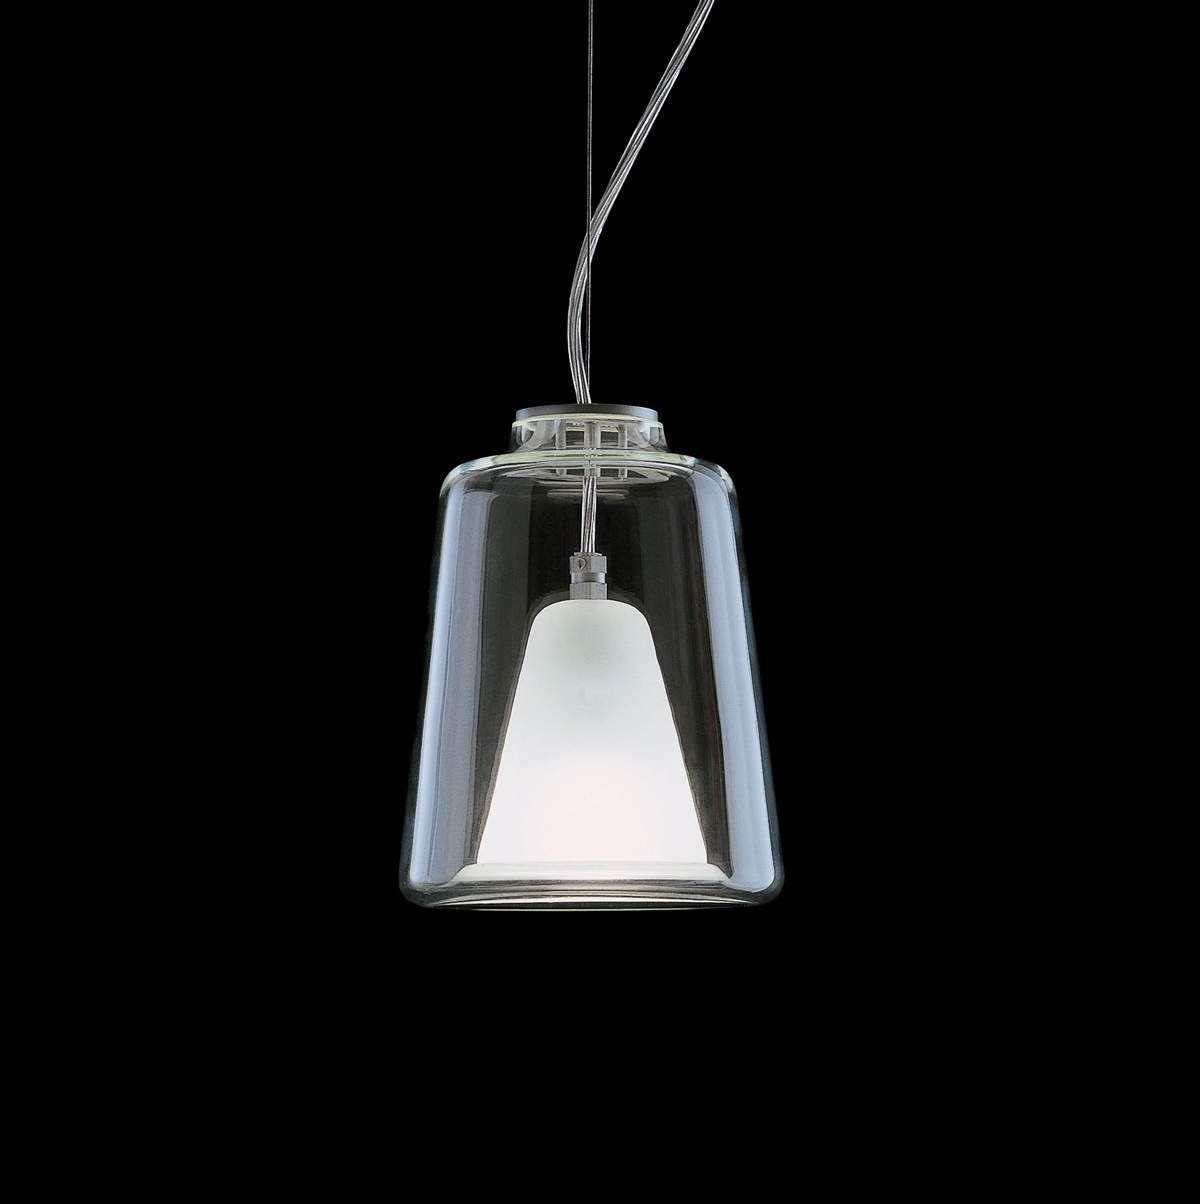 Lampenschirme Für Pendelleuchten : lampenschirme aus glas f r pende neuhaus design led ~ A.2002-acura-tl-radio.info Haus und Dekorationen